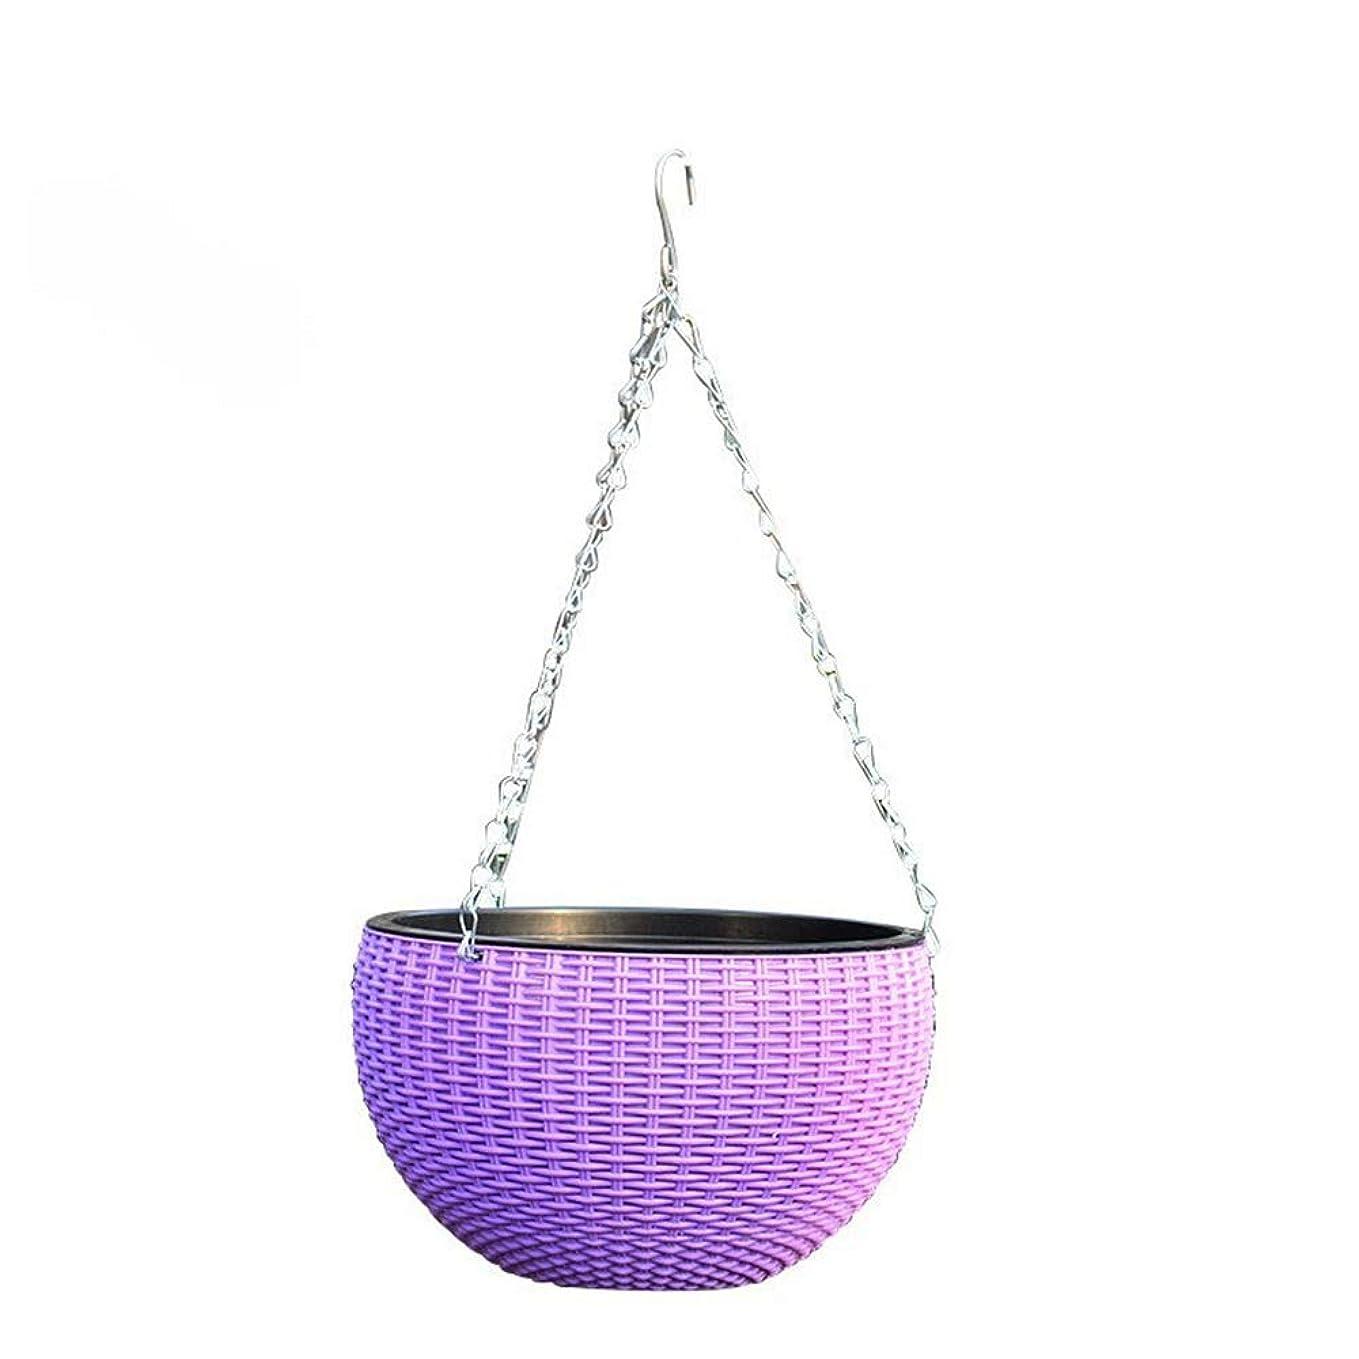 ジャンクションあまりにもこどもの日ハンギングバスケット ホーム製品現代のフラワーポットをハンギングプランターフレーム工場インテリアハンギングプランターポットウォールハンギング 観葉植物 (Color : Purple, Size : 26*18*13cm)